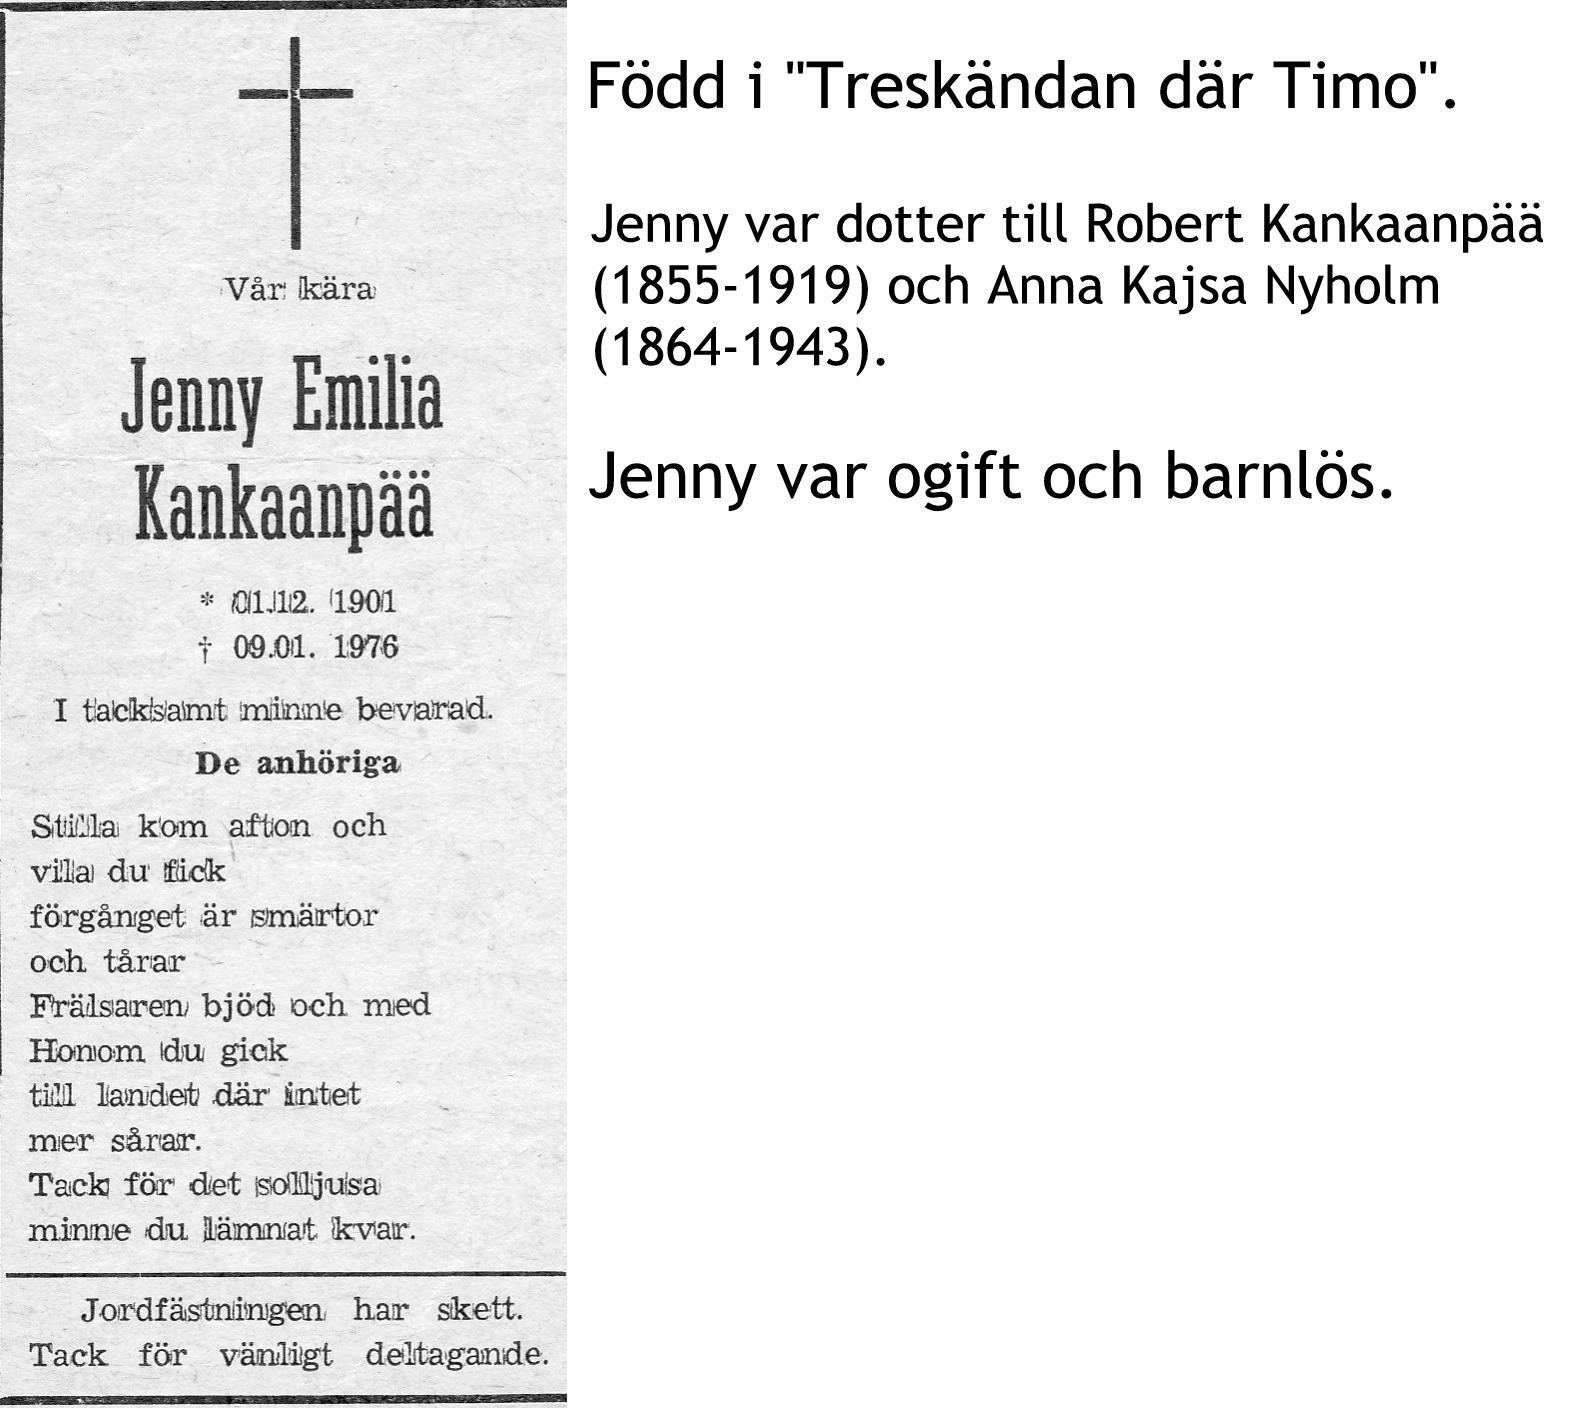 Kankaanpää Jenny